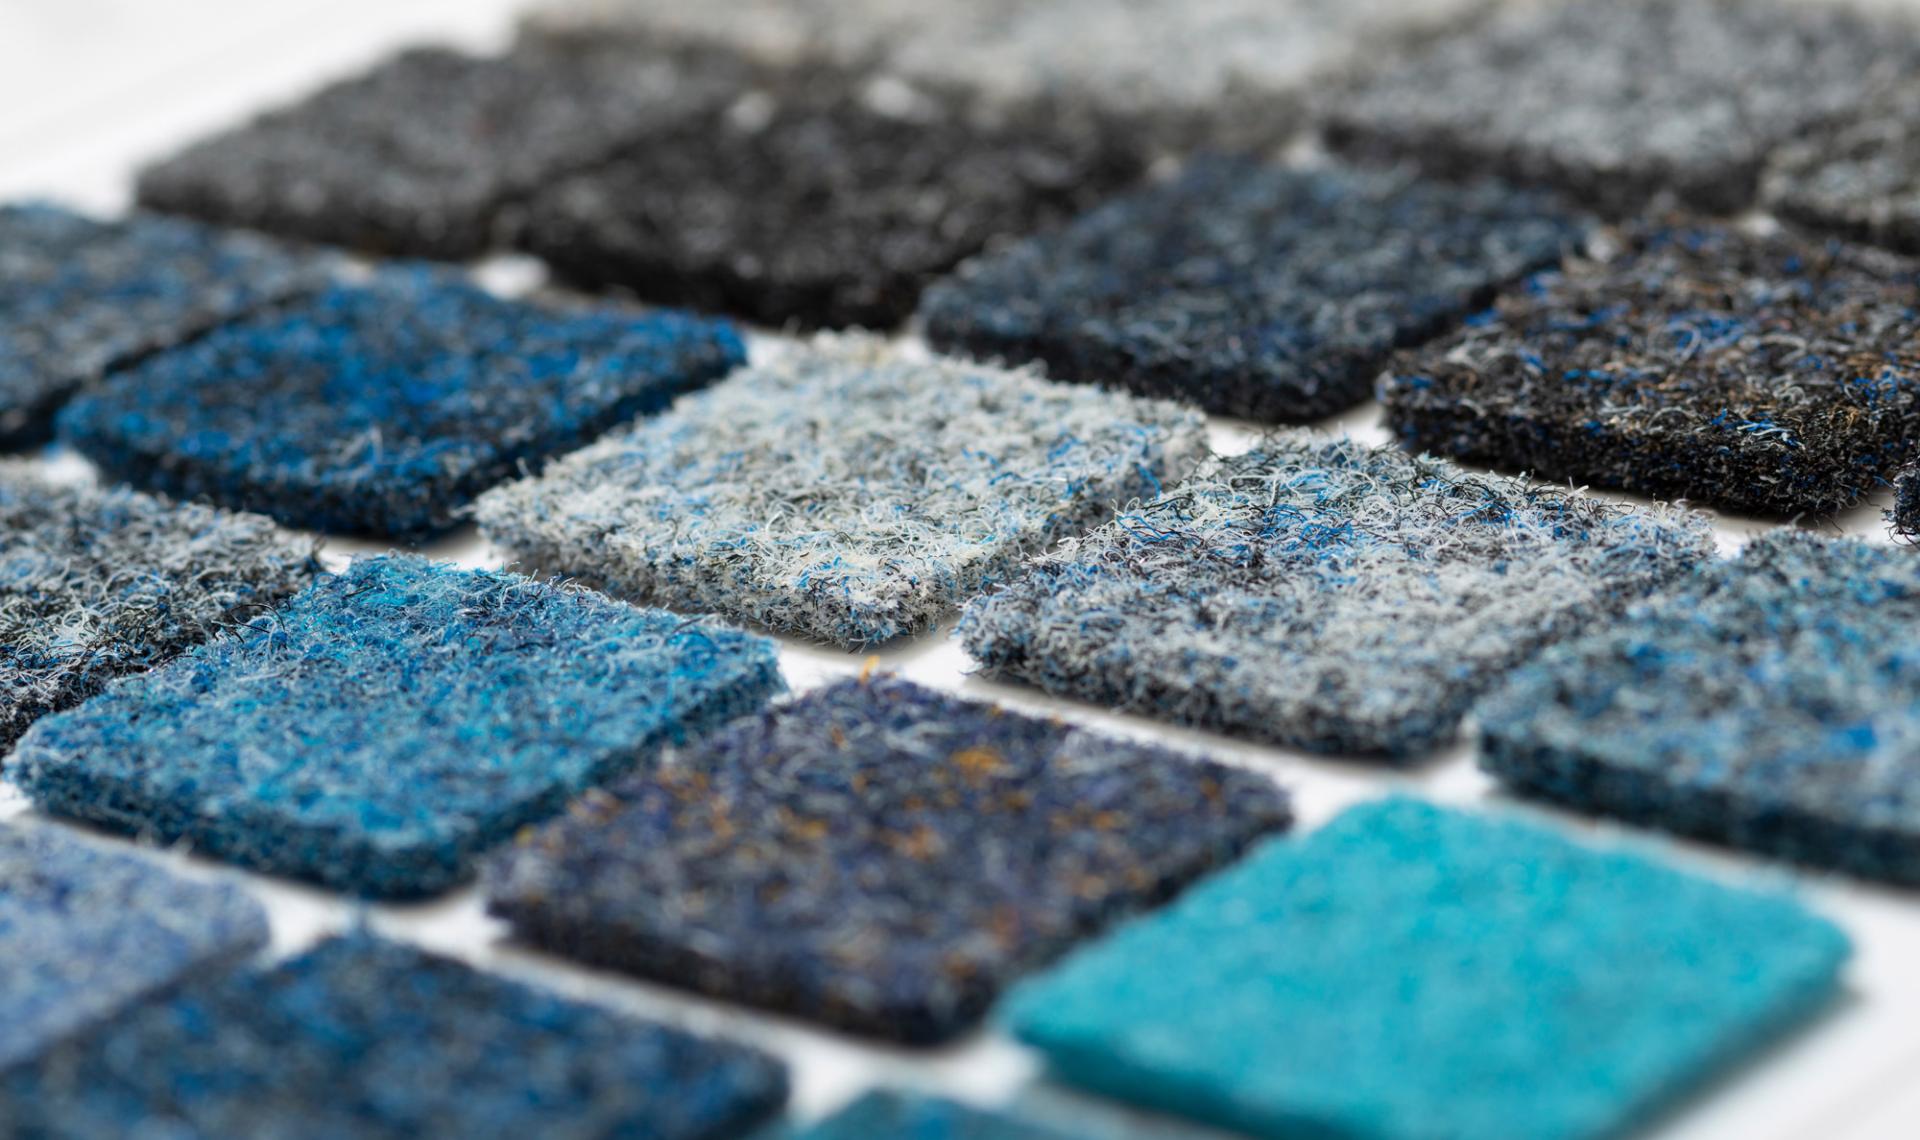 filzmuster-blau-grau